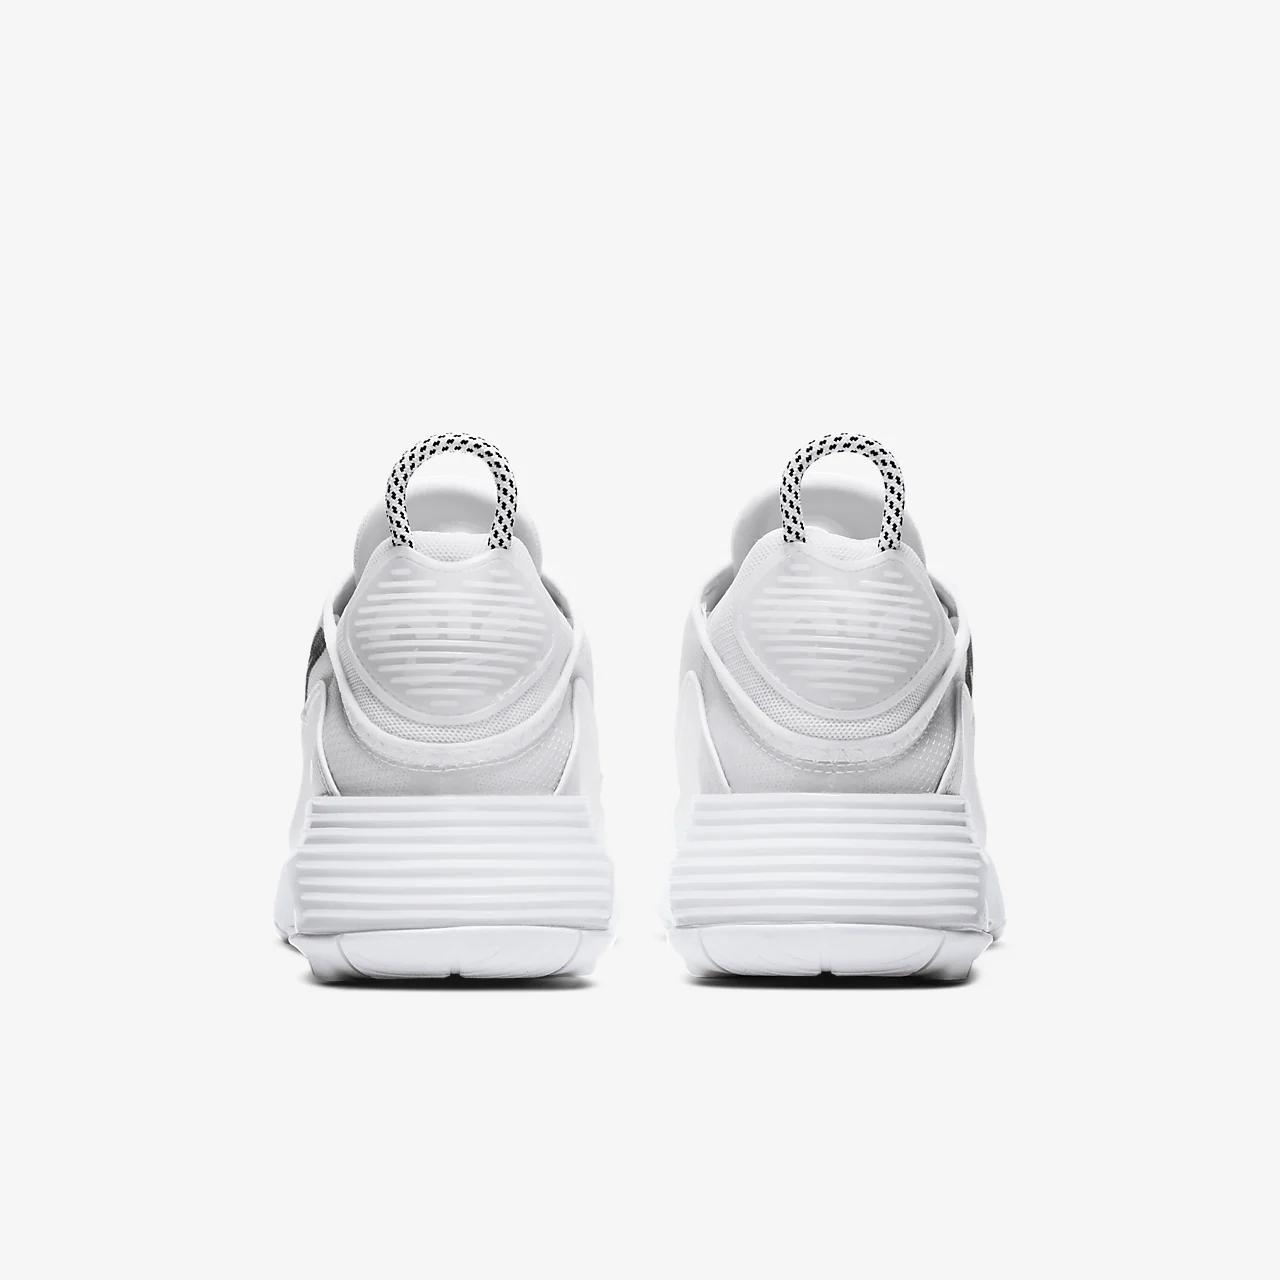 나이키 에어 맥스 2090 여성 신발 CK2612-100